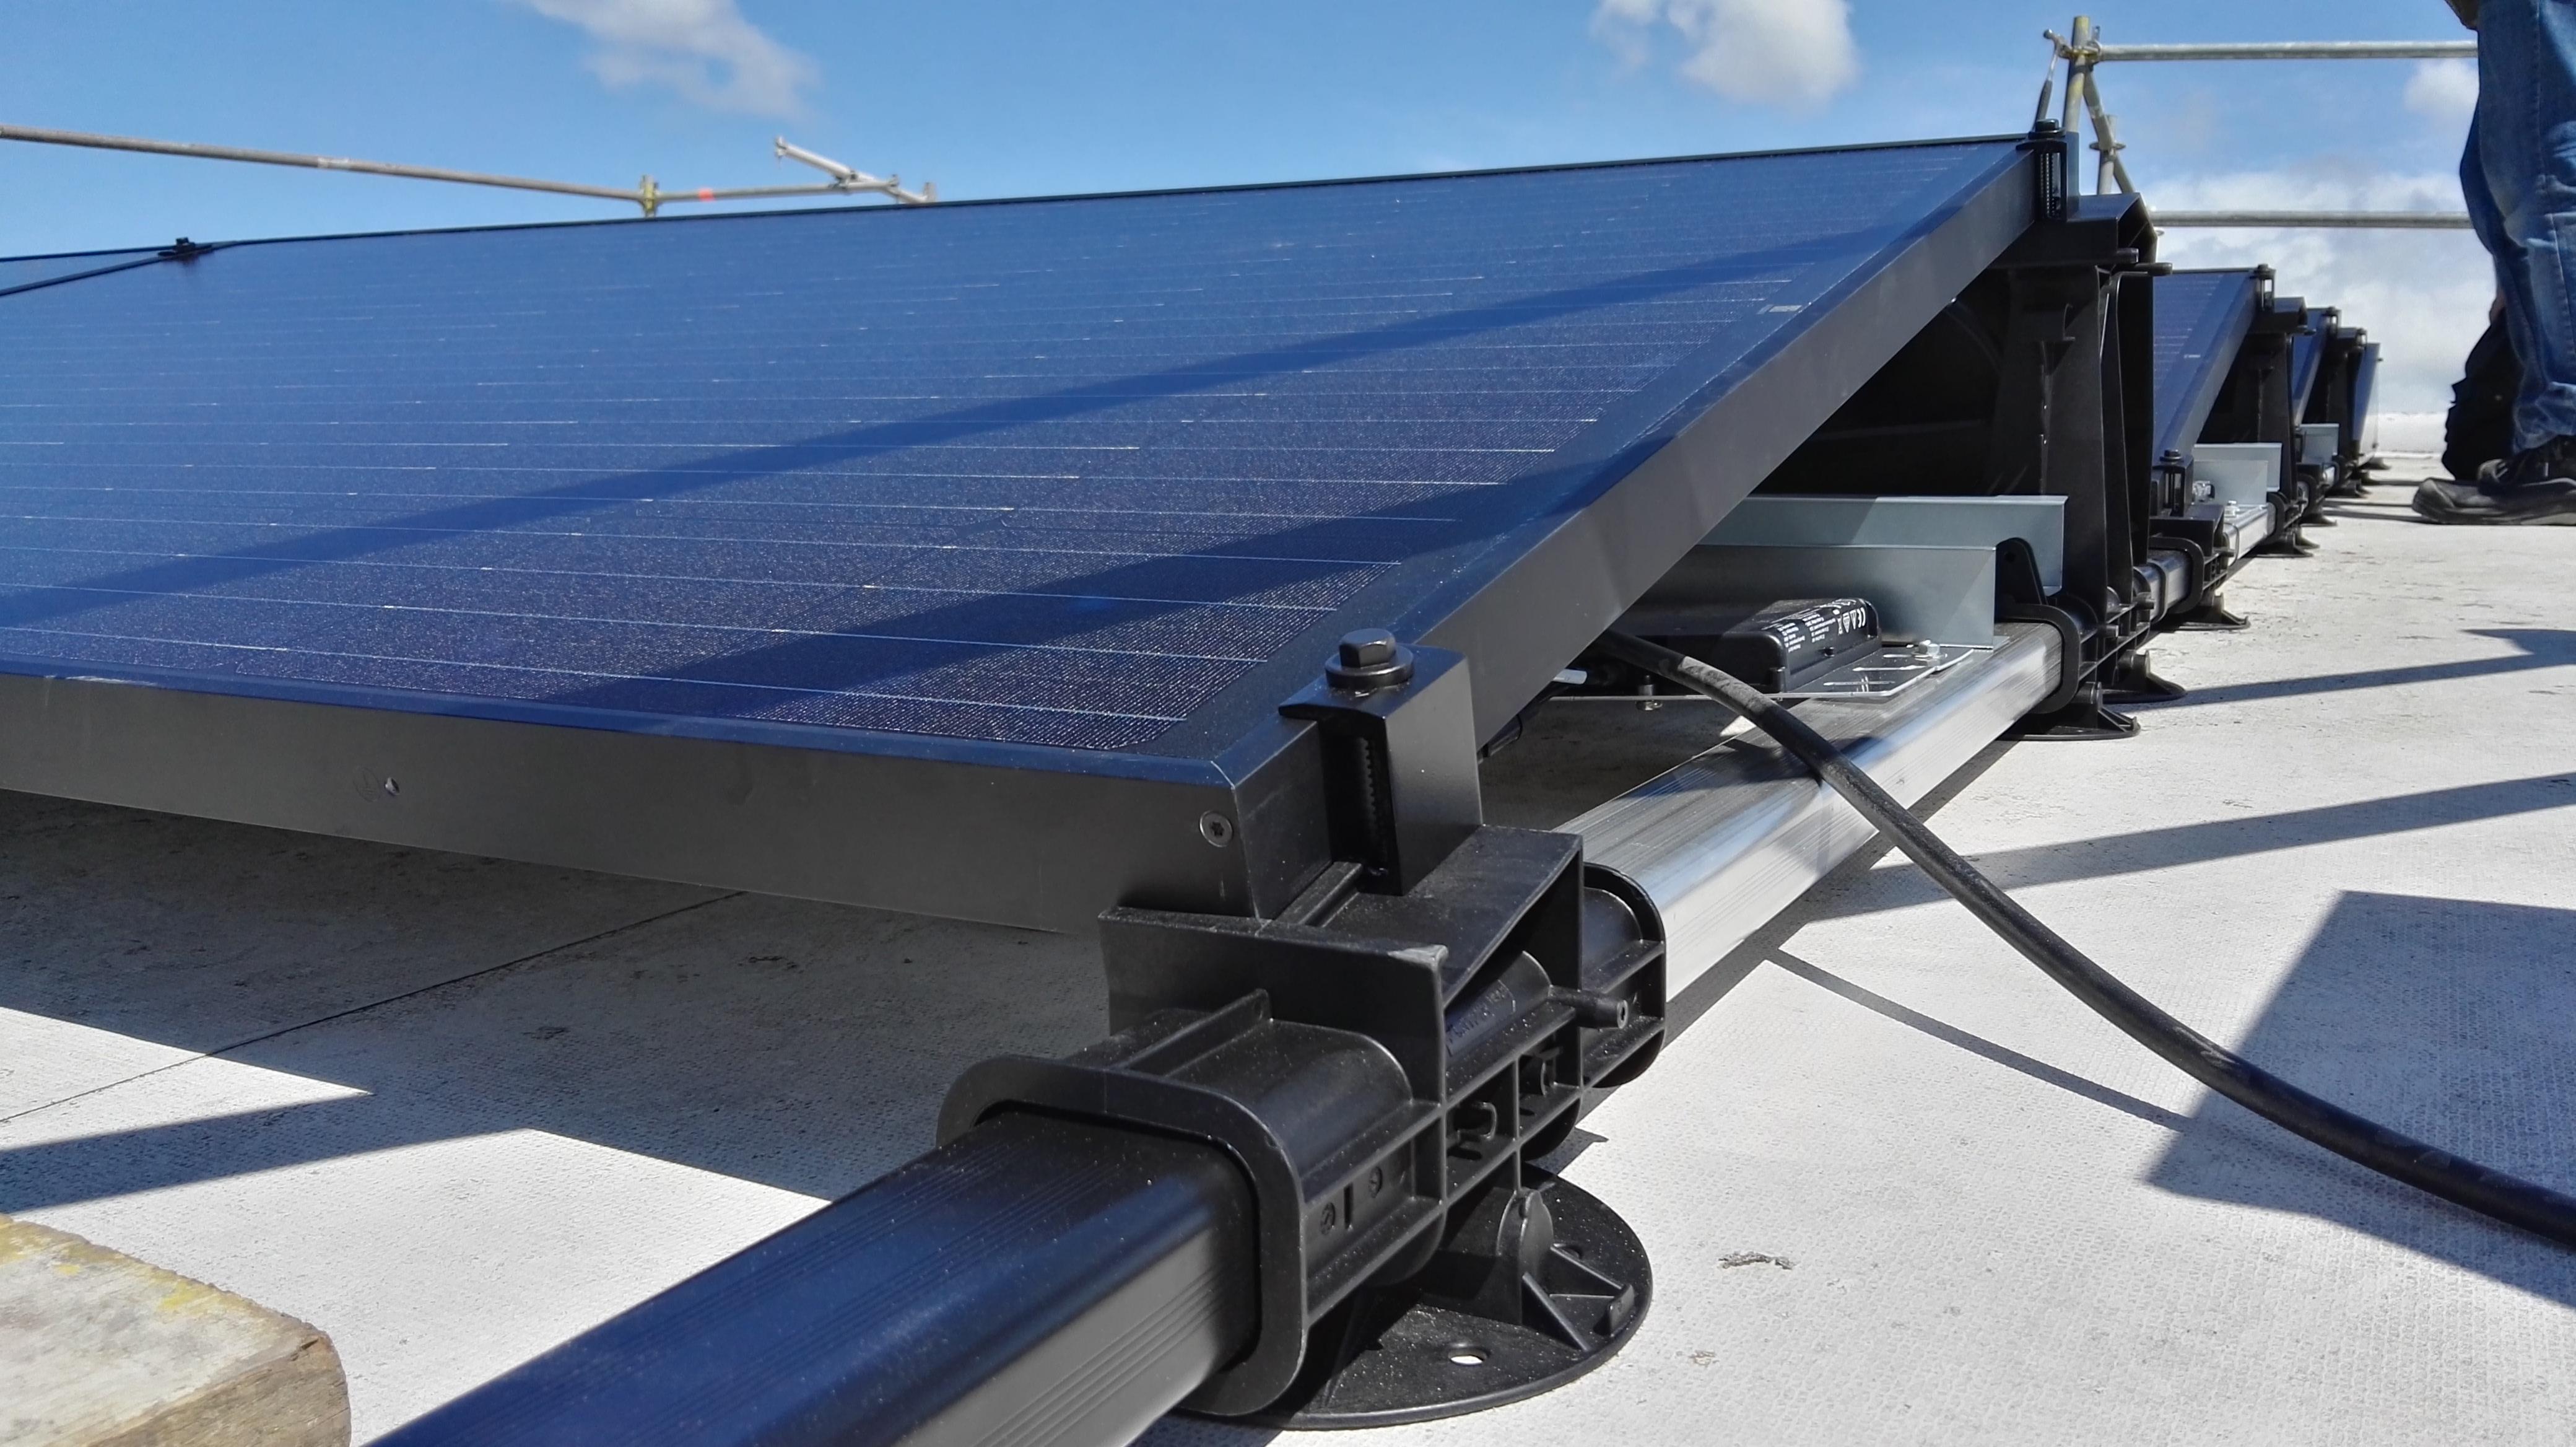 Update zon op je huis: platdak opstelling zonnepanelen geplaatst